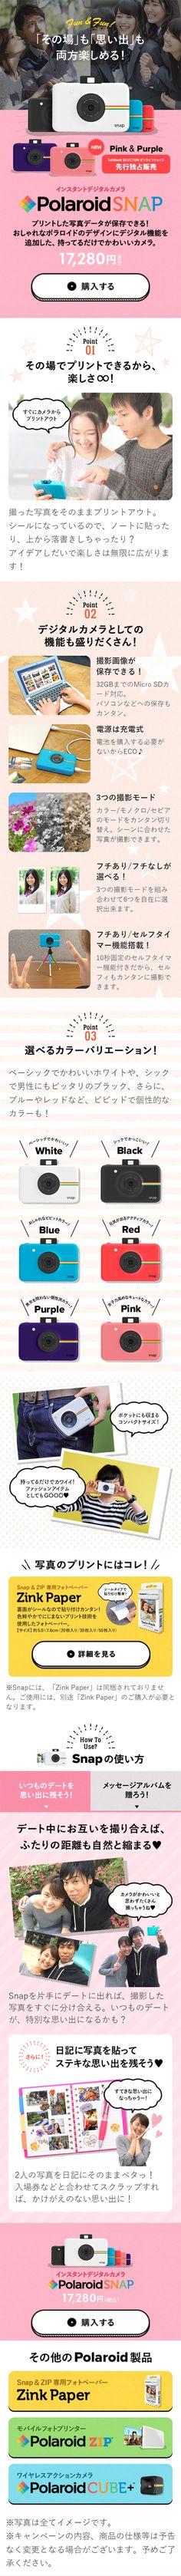 ソフトバンク コマース&サービス株式会社様の「インスタントデジタルカメラ Polaroid SNAP」のスマホランディングページ(LP)かわいい系|家電・パソコン・通信機器 #LP #ランディングページ #ランペ #インスタントデジタルカメラ Polaroid SNAP